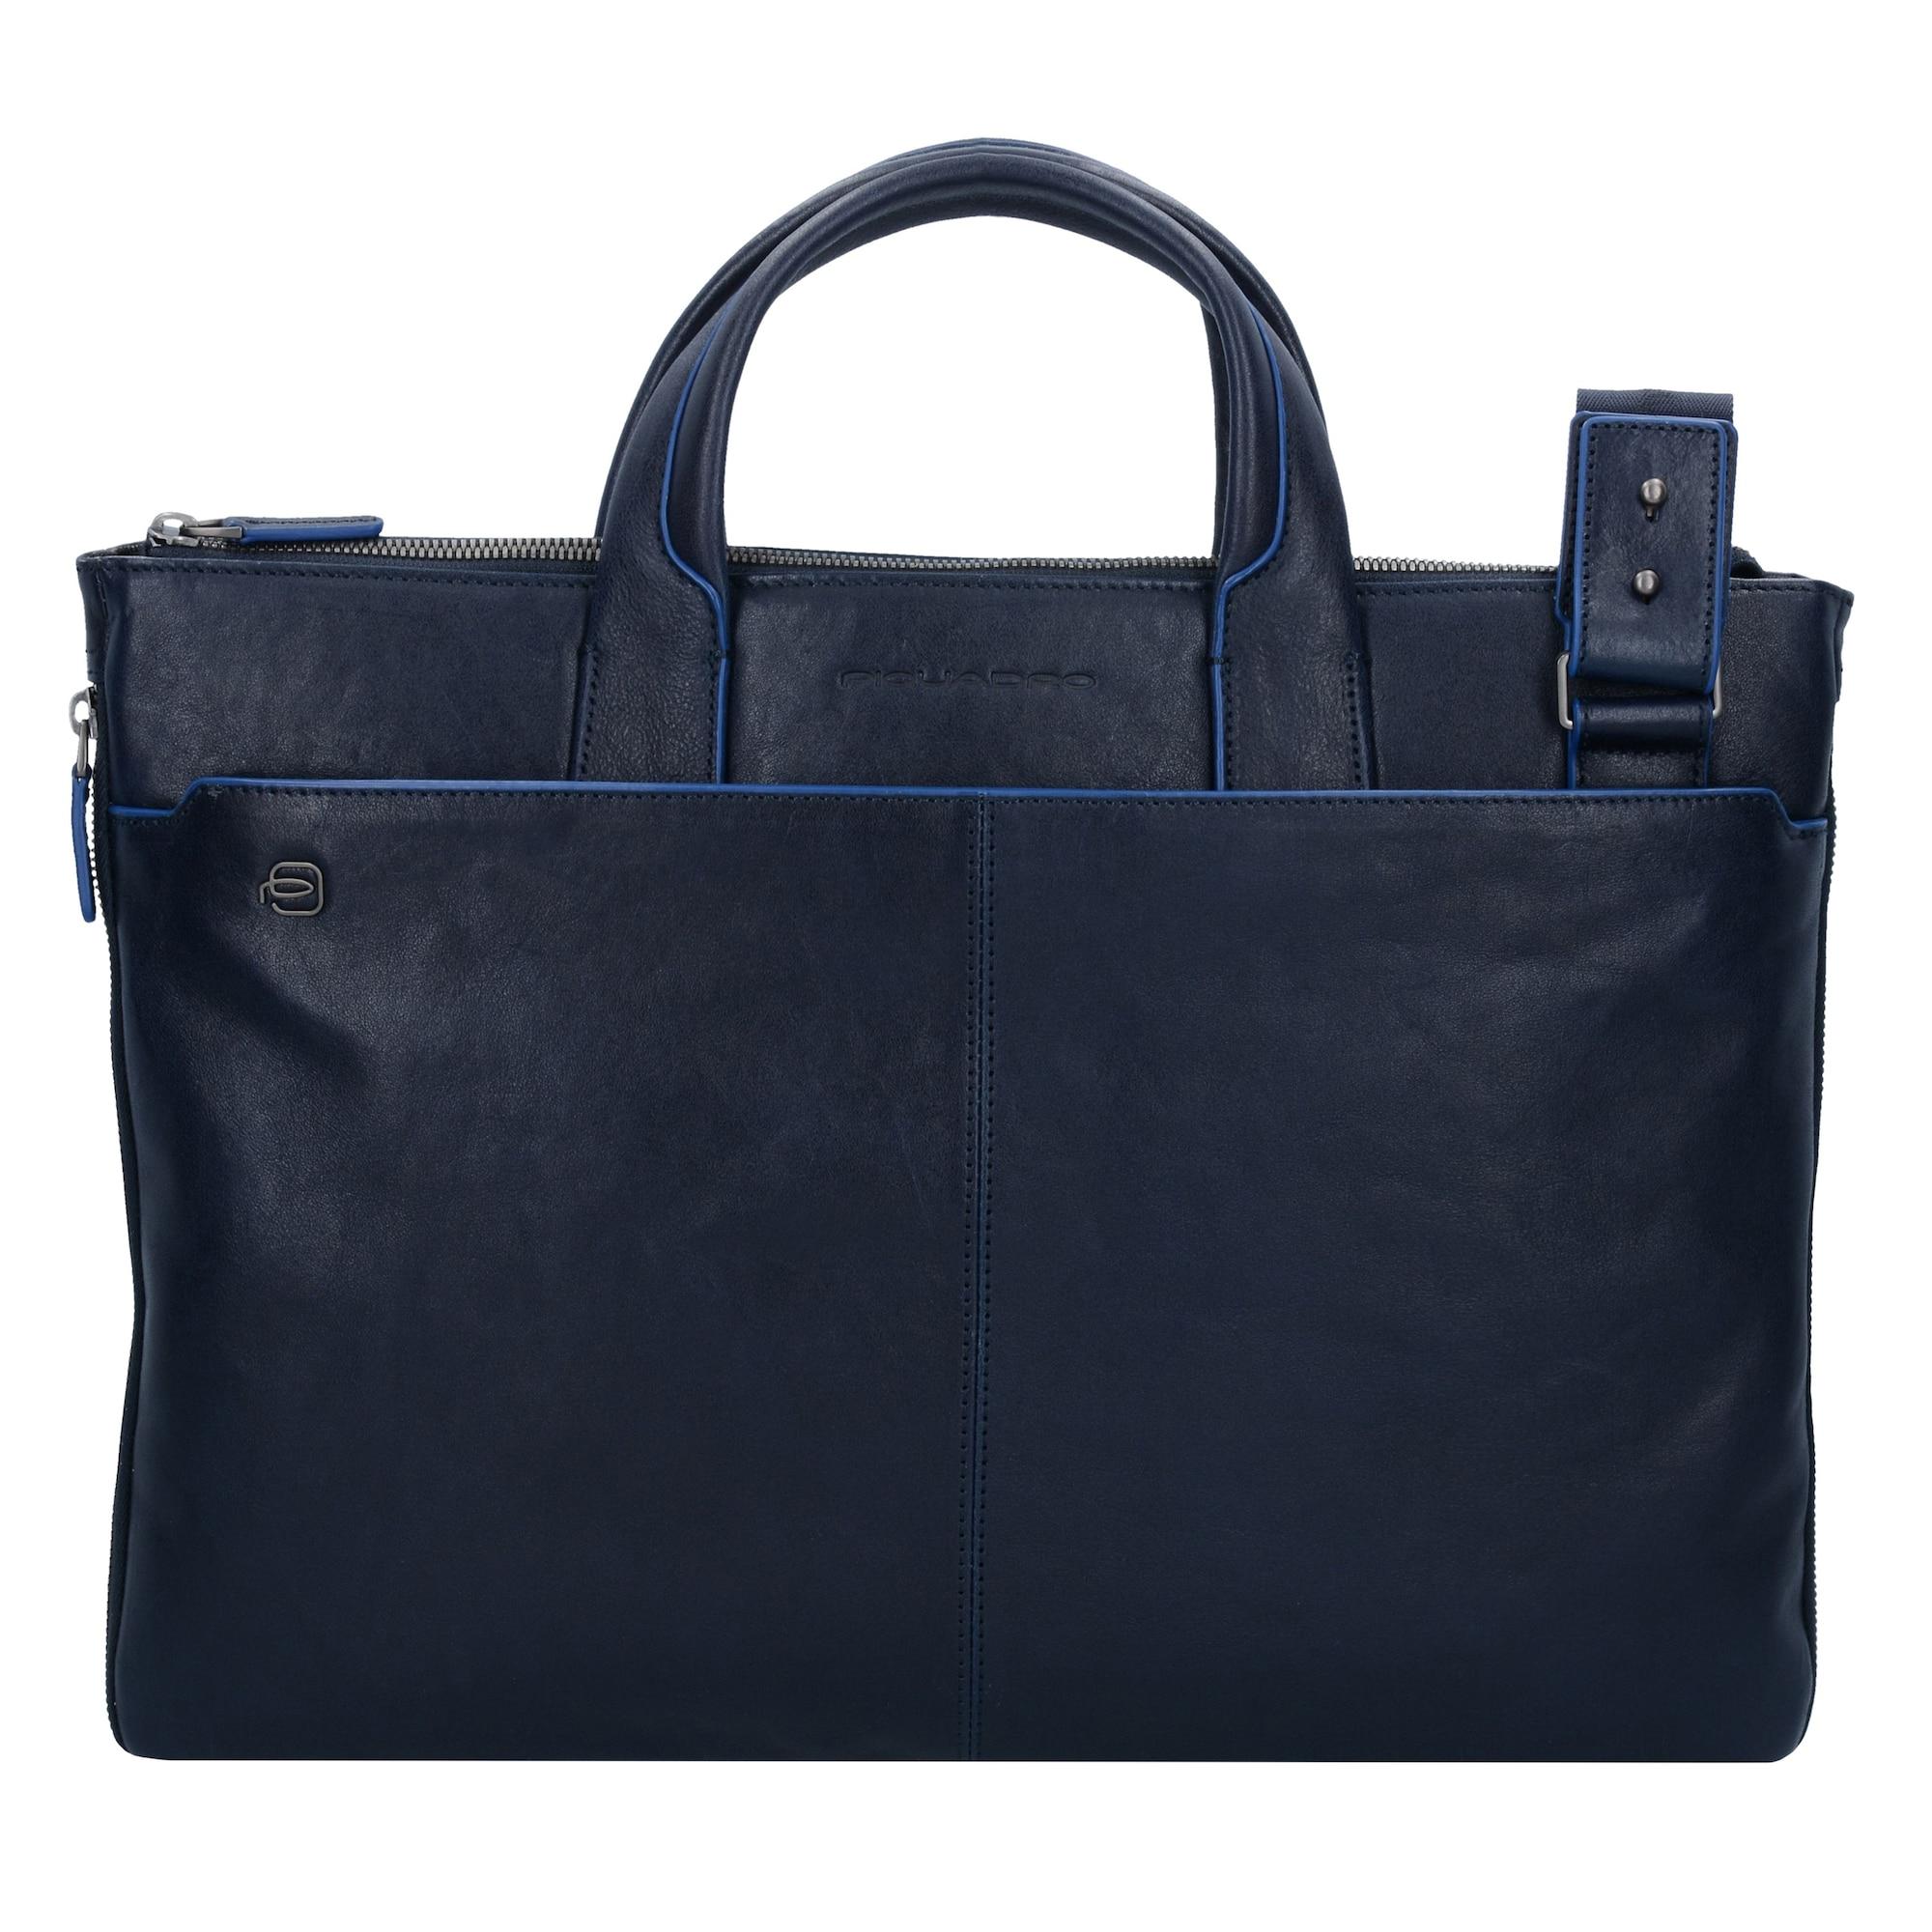 Laptoptasche | Taschen > Business Taschen | Piquadro